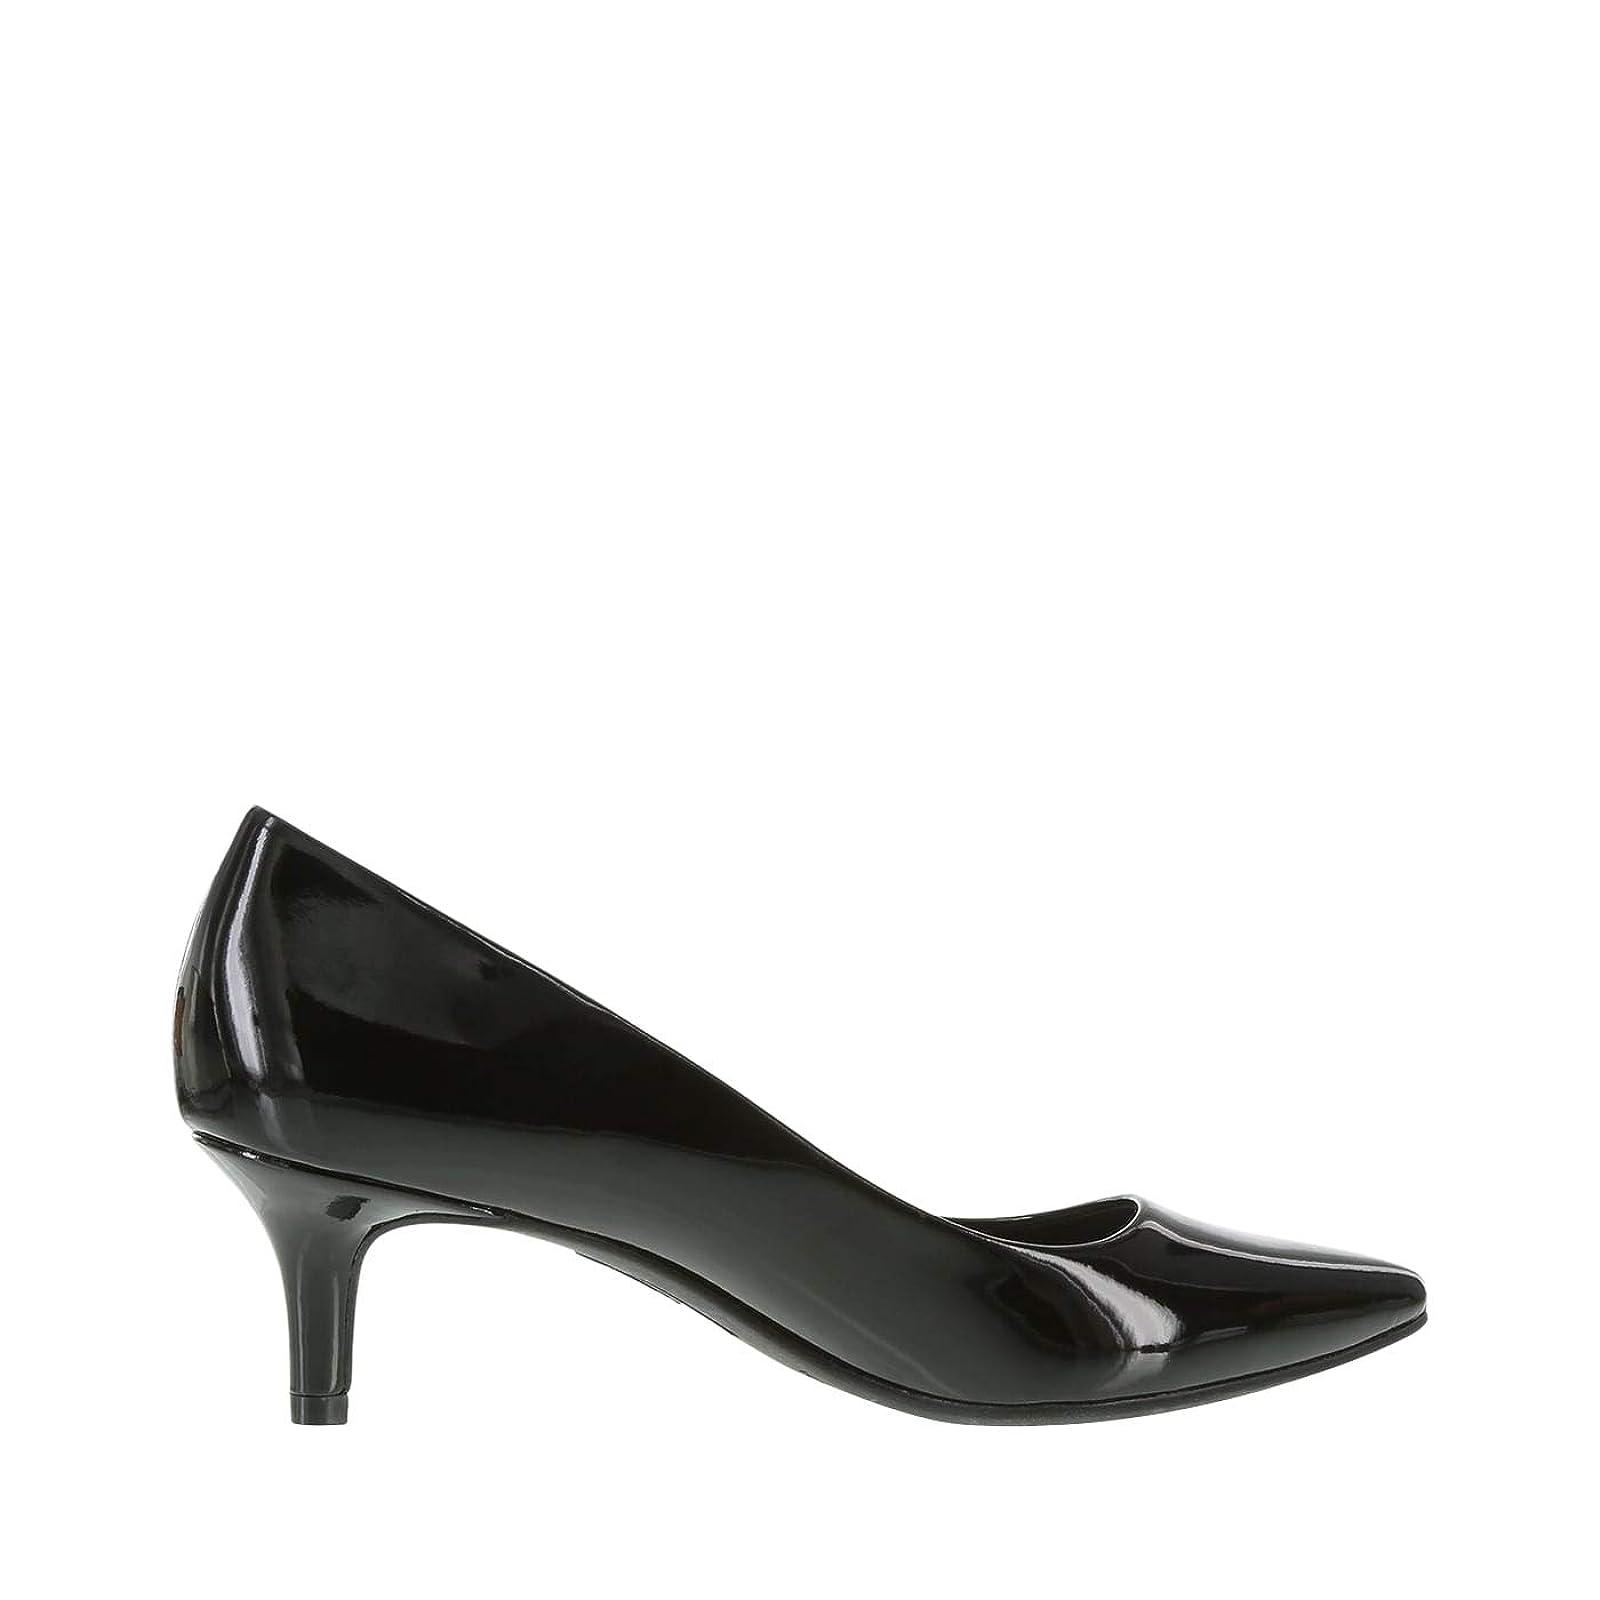 Dexflex Women's Jeanne Pointed-Toe Pump 6 M US - 1